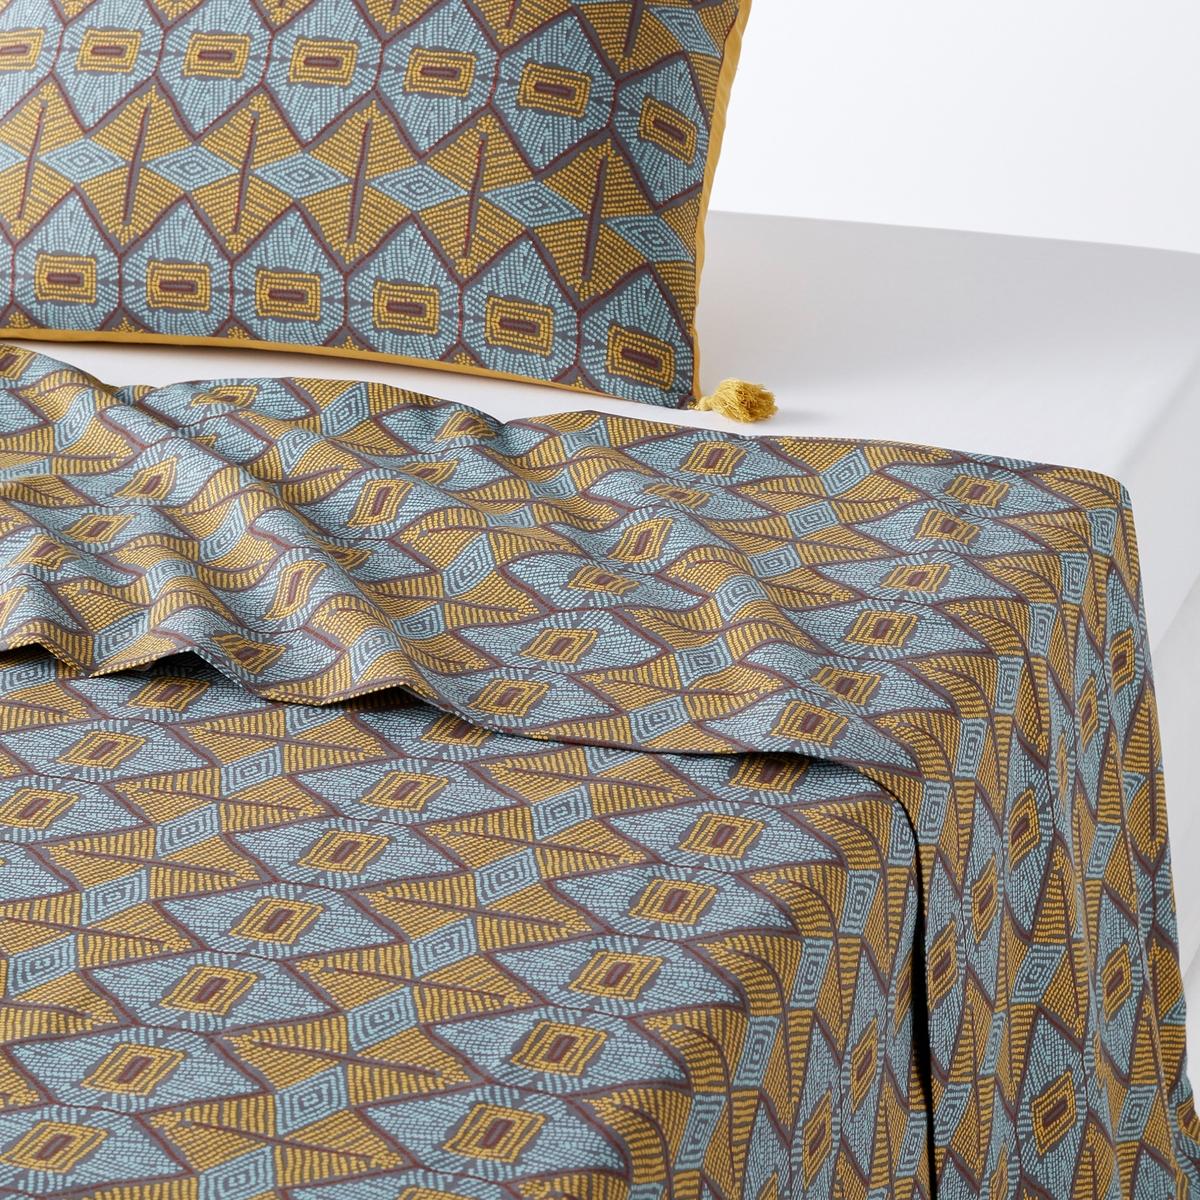 Простыня гладкая с рисунком KOUBANХарактеристики гладкой простыни Kouban :Гладкая простыня : Рисунок в этническом стиле охрового и серо-синего цвета. 100% хлопок (57 нитей/см2) : чем больше количество нитей/см2, тем выше качество ткани. Легкость ухода. Машинная стирка при 60 °С.Однотонную натяжную простыню соответствующей расцветки коллекции Sc?nario из хлопка и всю коллекцию постельного белья Kouban вы можете найти на сайте laredoute.ruЗнак Oeko-Tex® гарантирует, что товары прошли проверку и были изготовлены без применения вредных для здоровья человека веществ. Размеры :180  x 290 см : 1-сп.240 х 290 см : 2-сп.270 x 290 см : 2-сп.<br><br>Цвет: набивной рисунок<br>Размер: 240 x 290  см